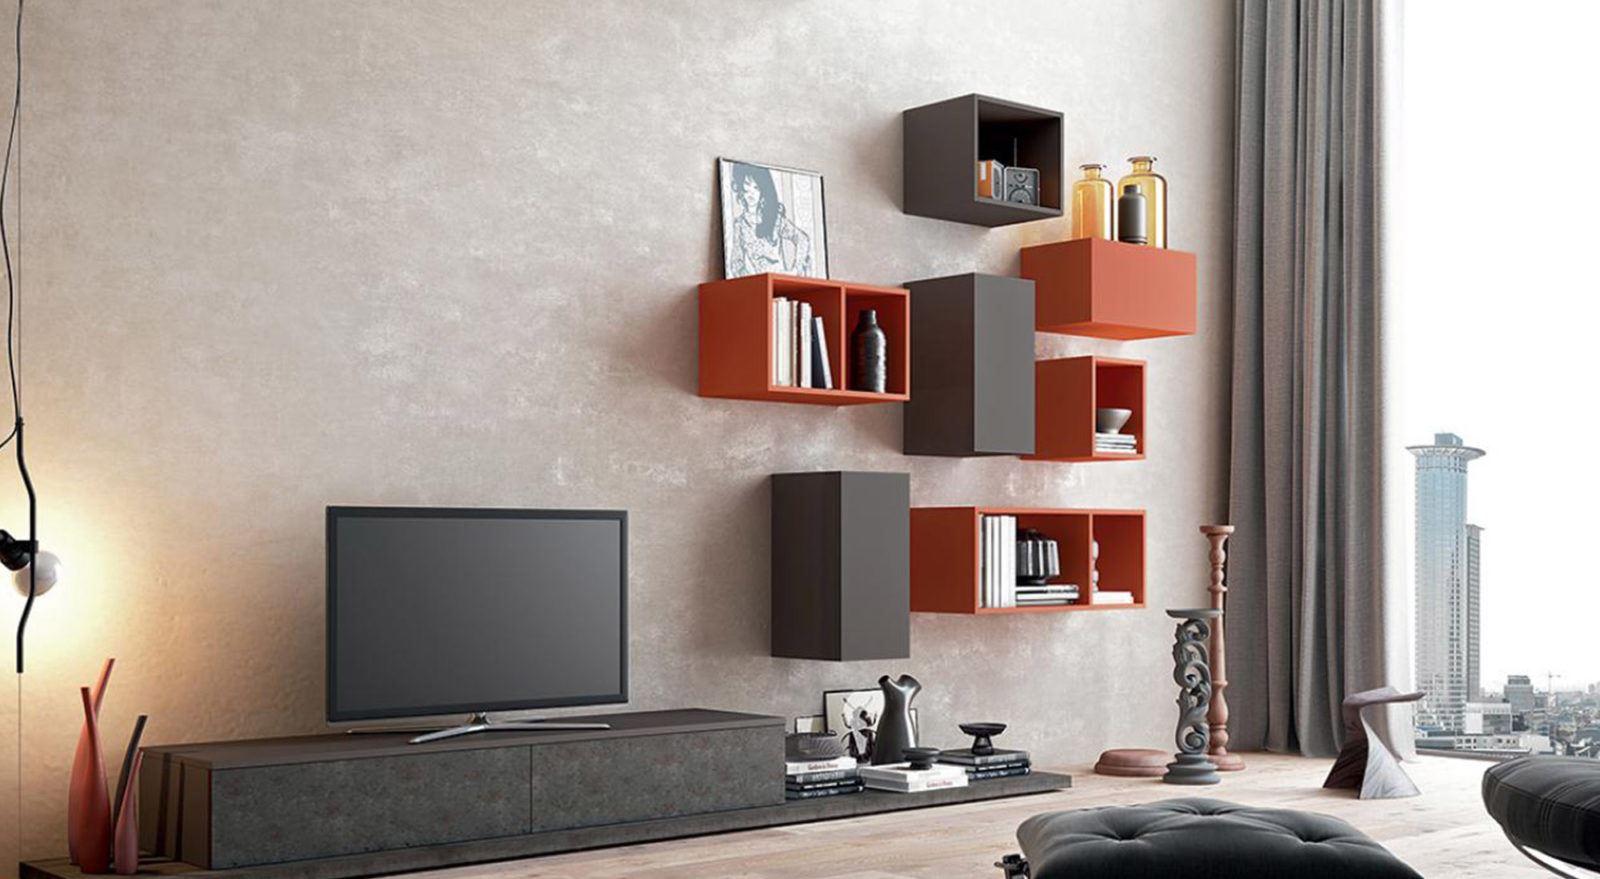 Vendita di mobili per soggiorno a padova. mobili da soggiorno